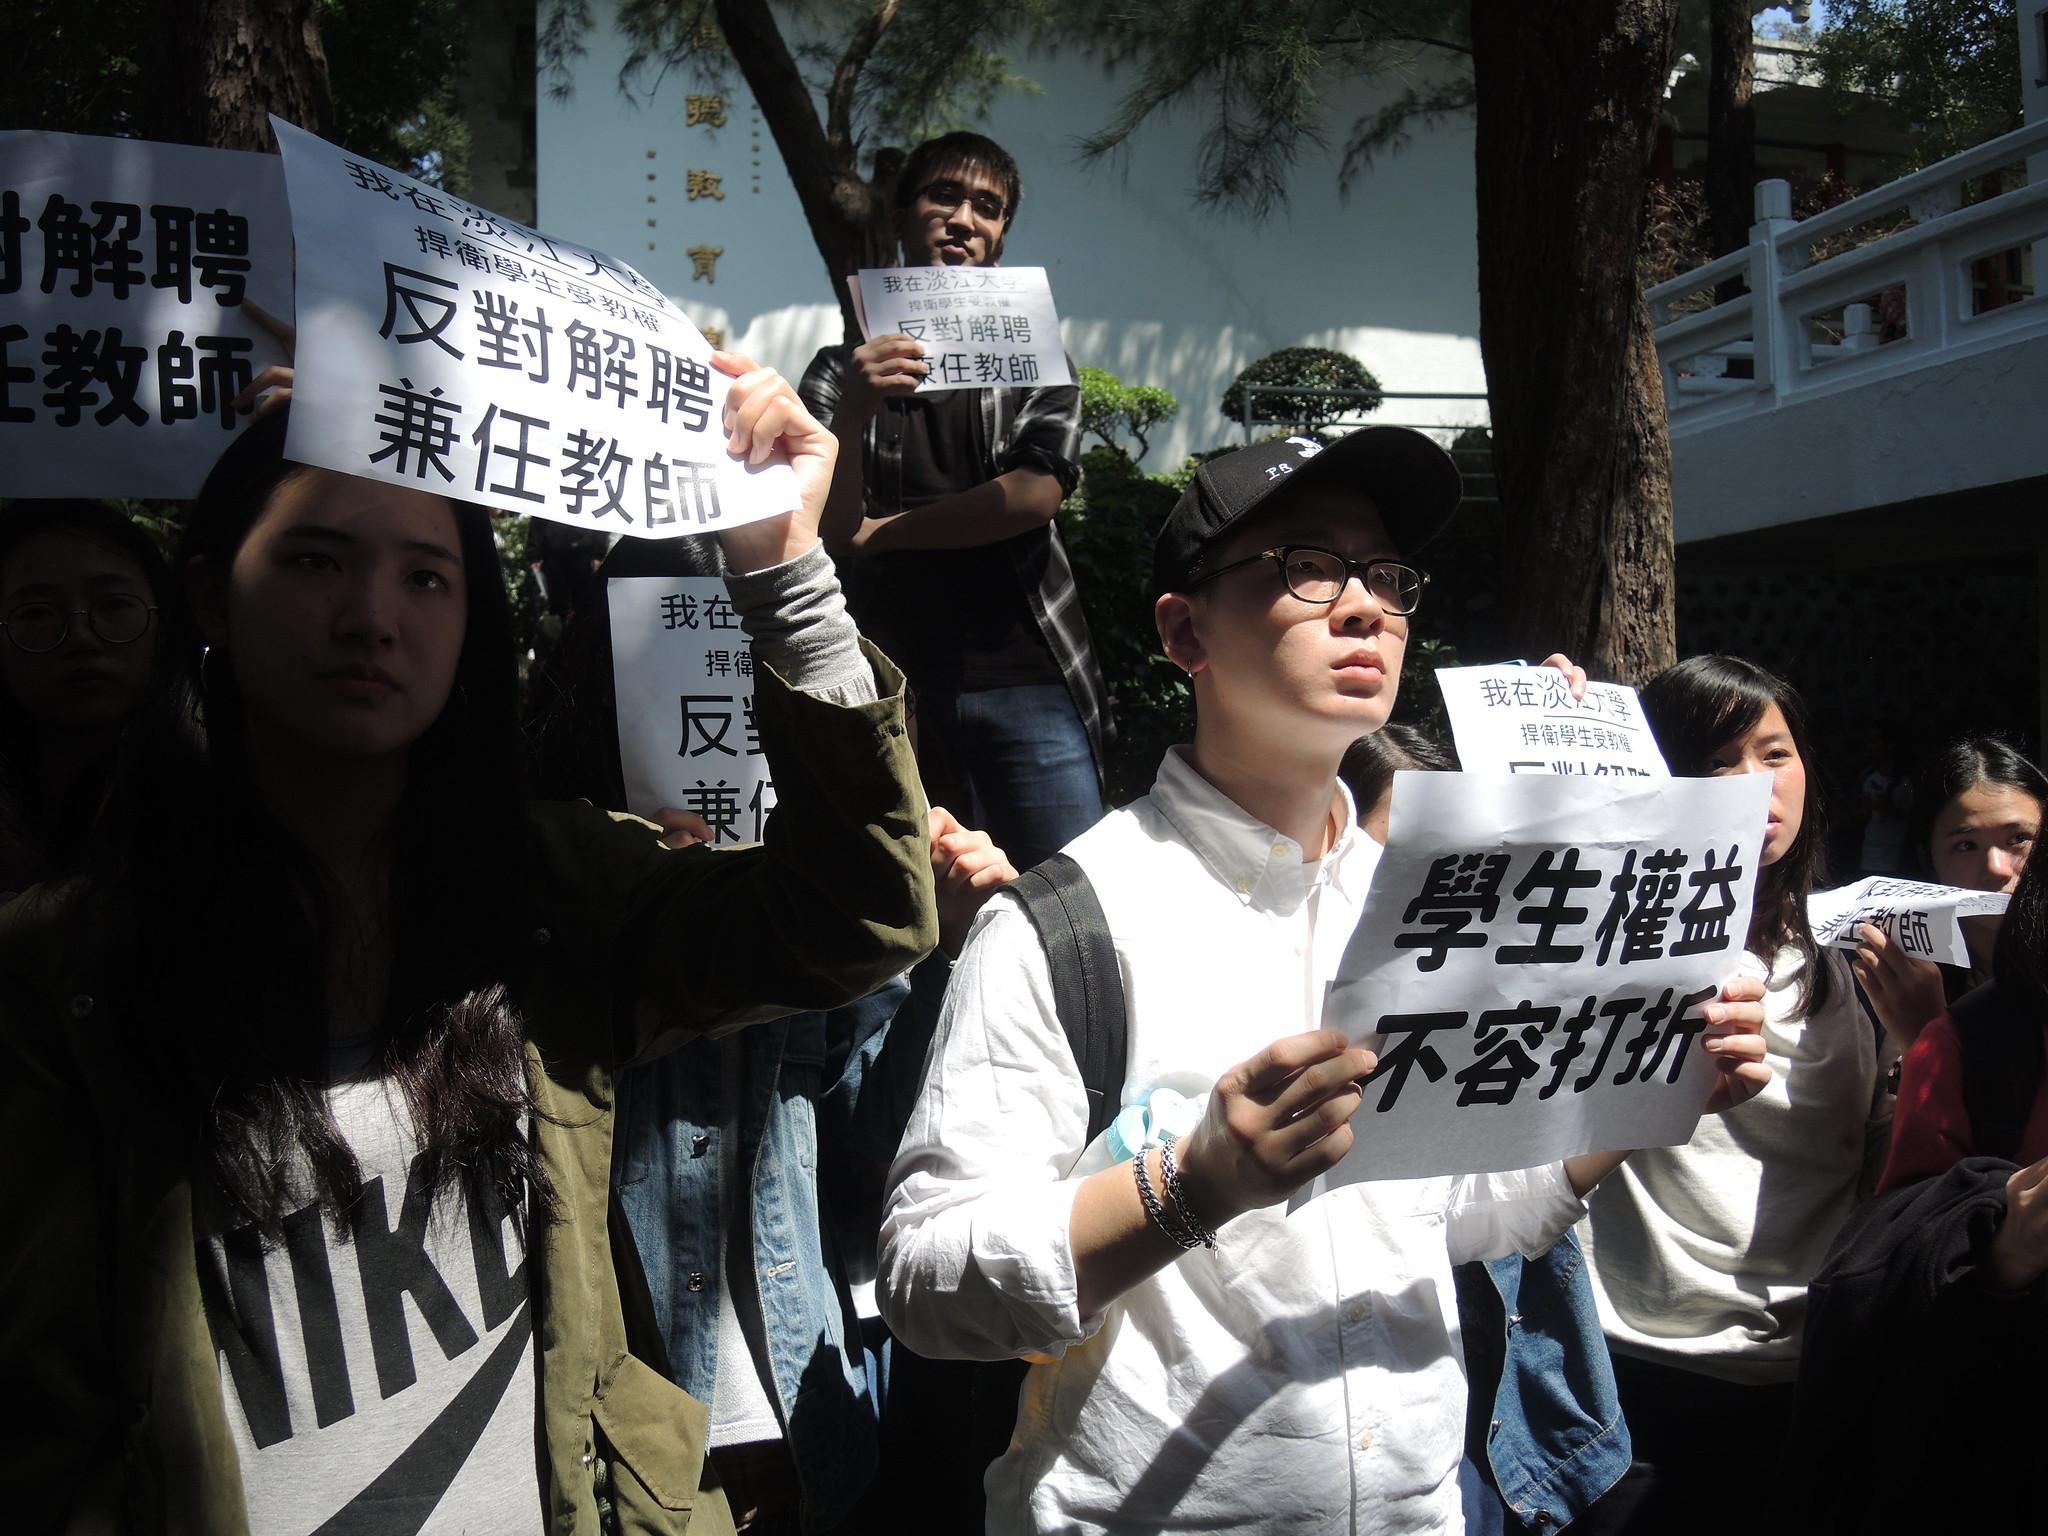 眾多學生聚在行政大樓前,要求學校給出回應。(攝影:曾福全)